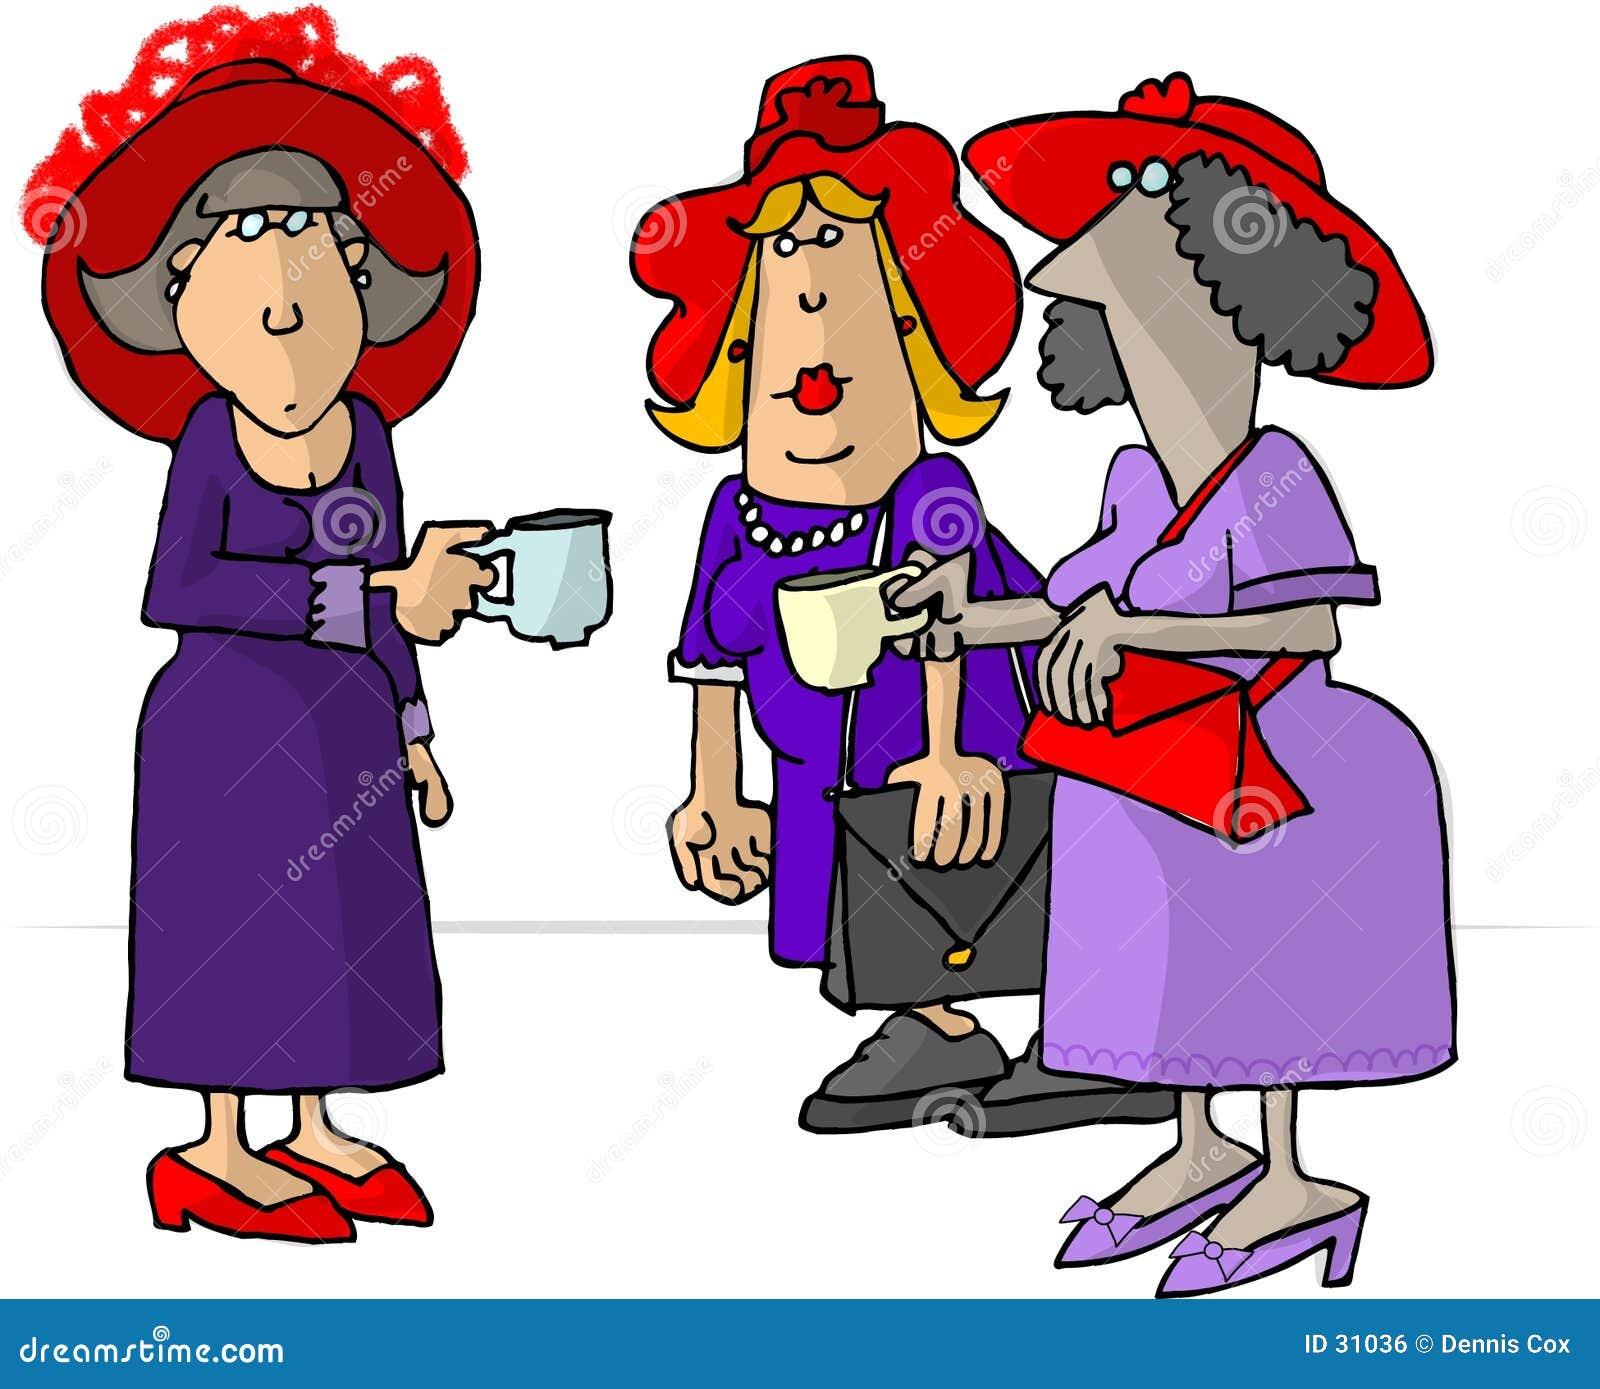 Download Frauen In Den Roten Hüten Tee Trinkend Stock Abbildung - Illustration von klumpen, gesellschaft: 31036